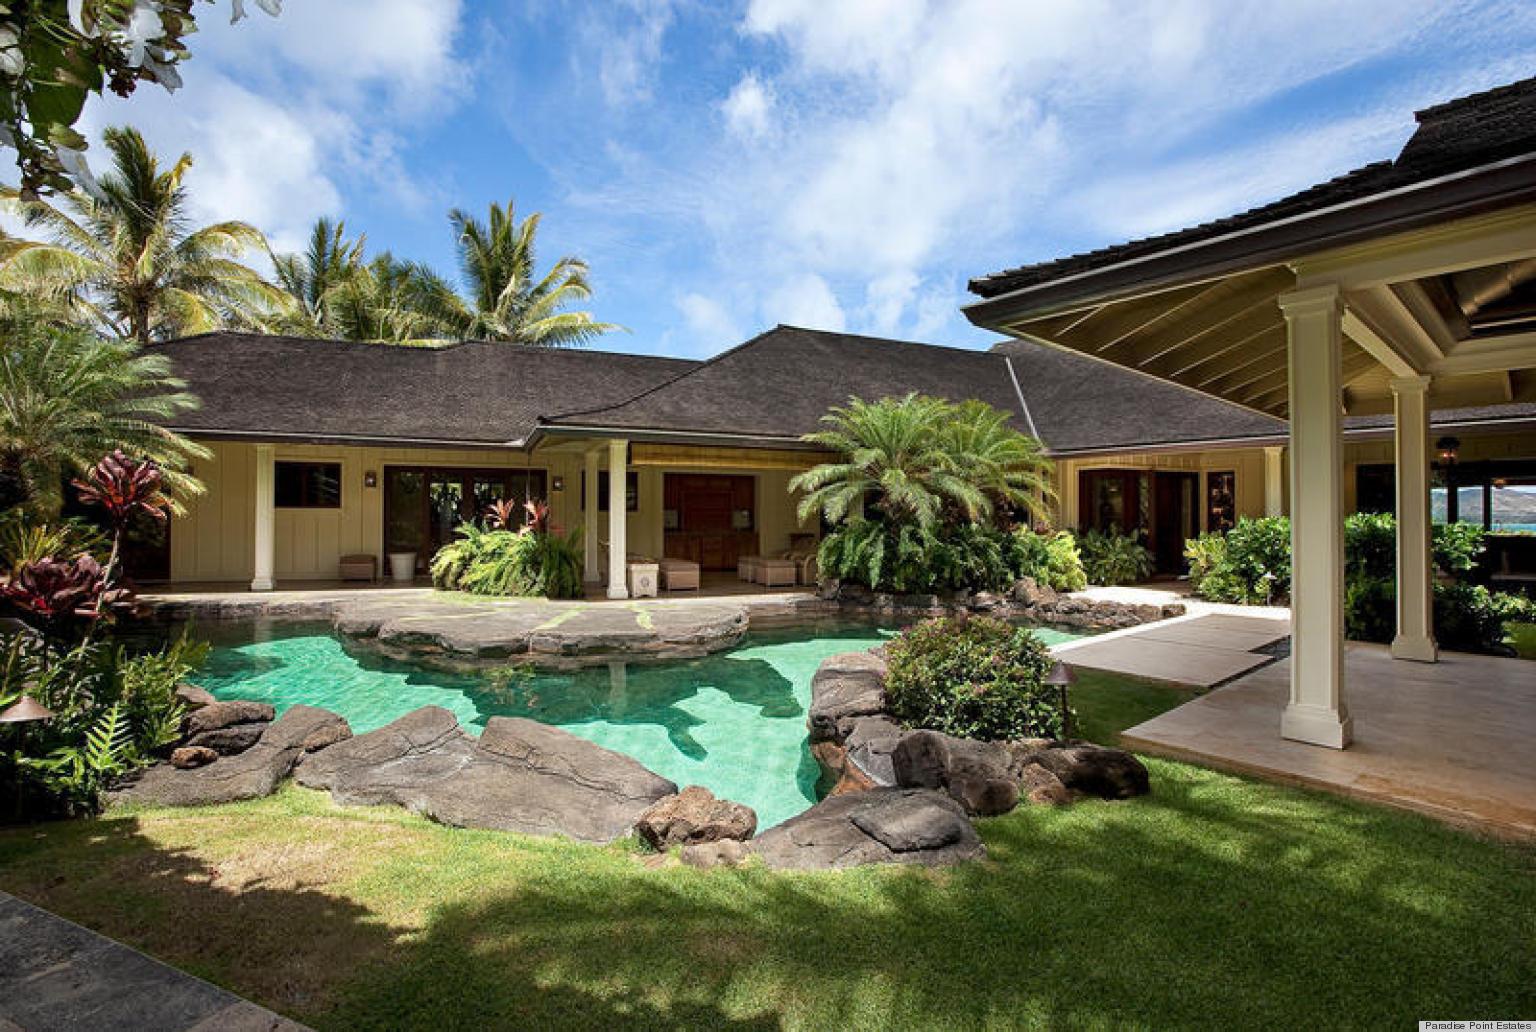 Obama Hawaii House 2013